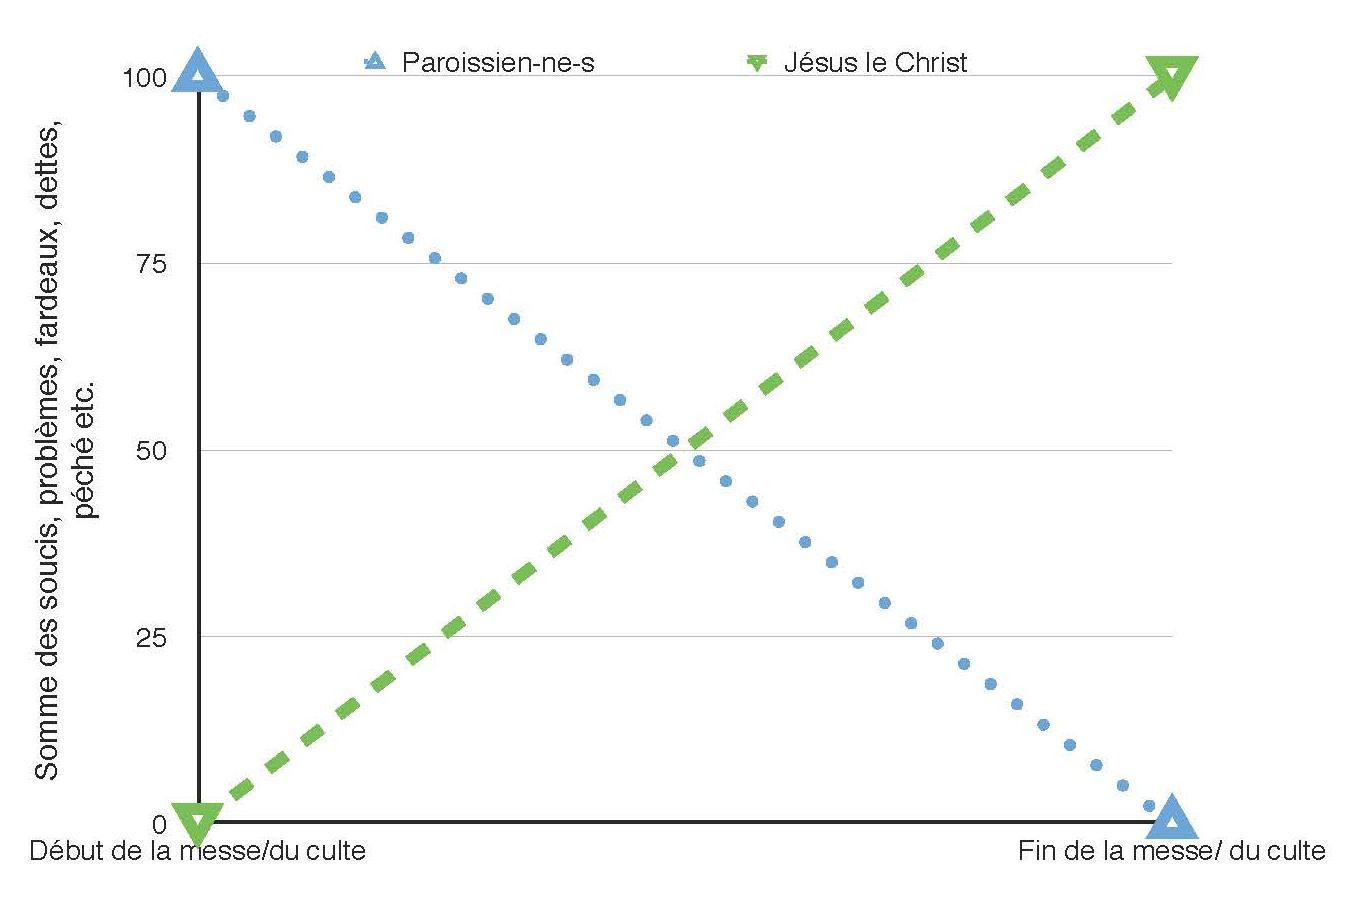 Devenir personnel des paroissien-ne-s et de Jésus le Christ dans la messe/le culte. Modèle 1